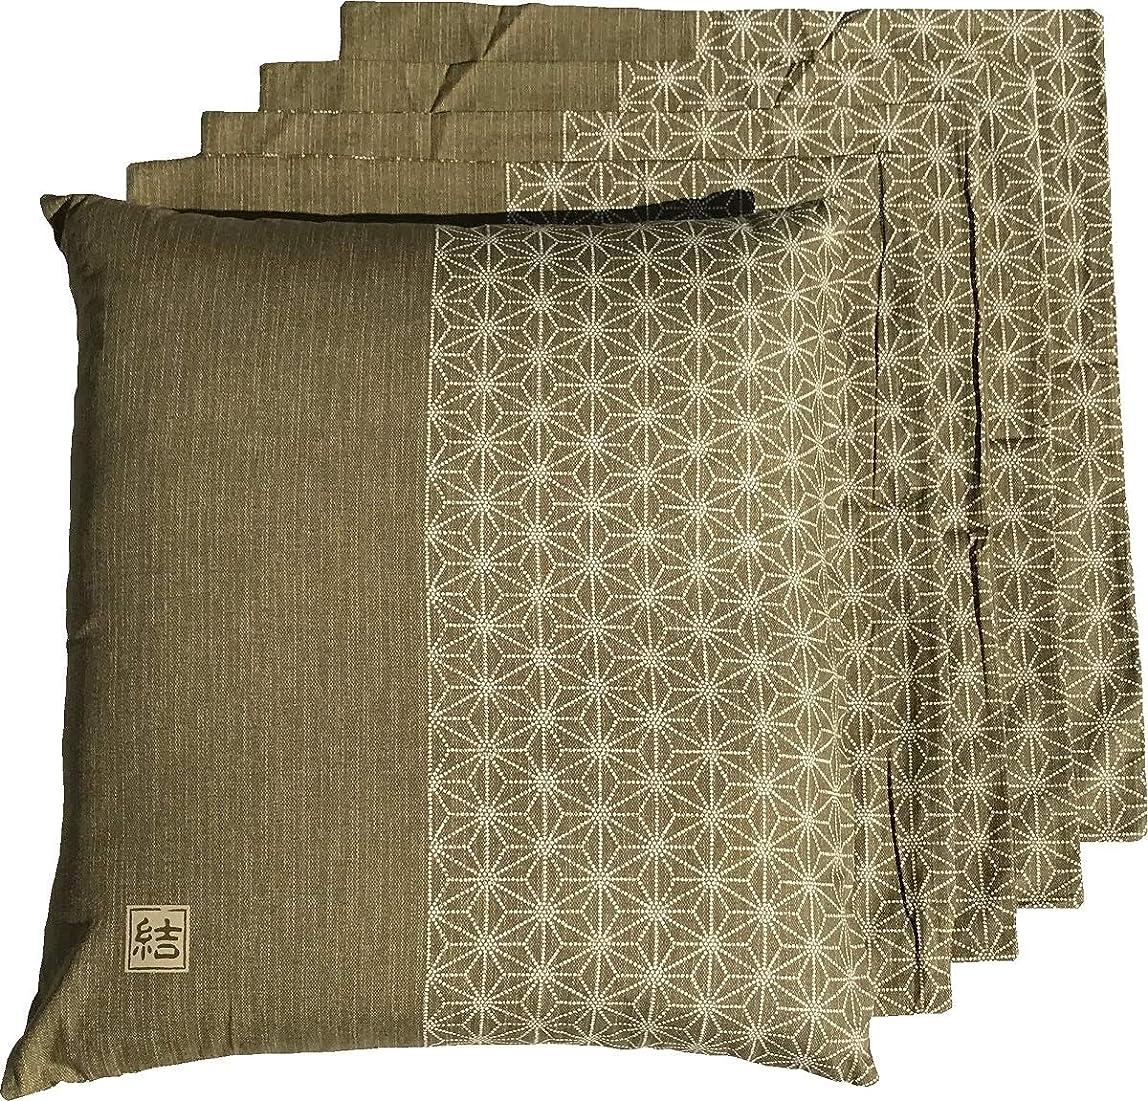 容赦ない身元対応するJOYDREAM 座布団カバー 5枚セット 55 59 cm 結 グリーン 日本製 55x59